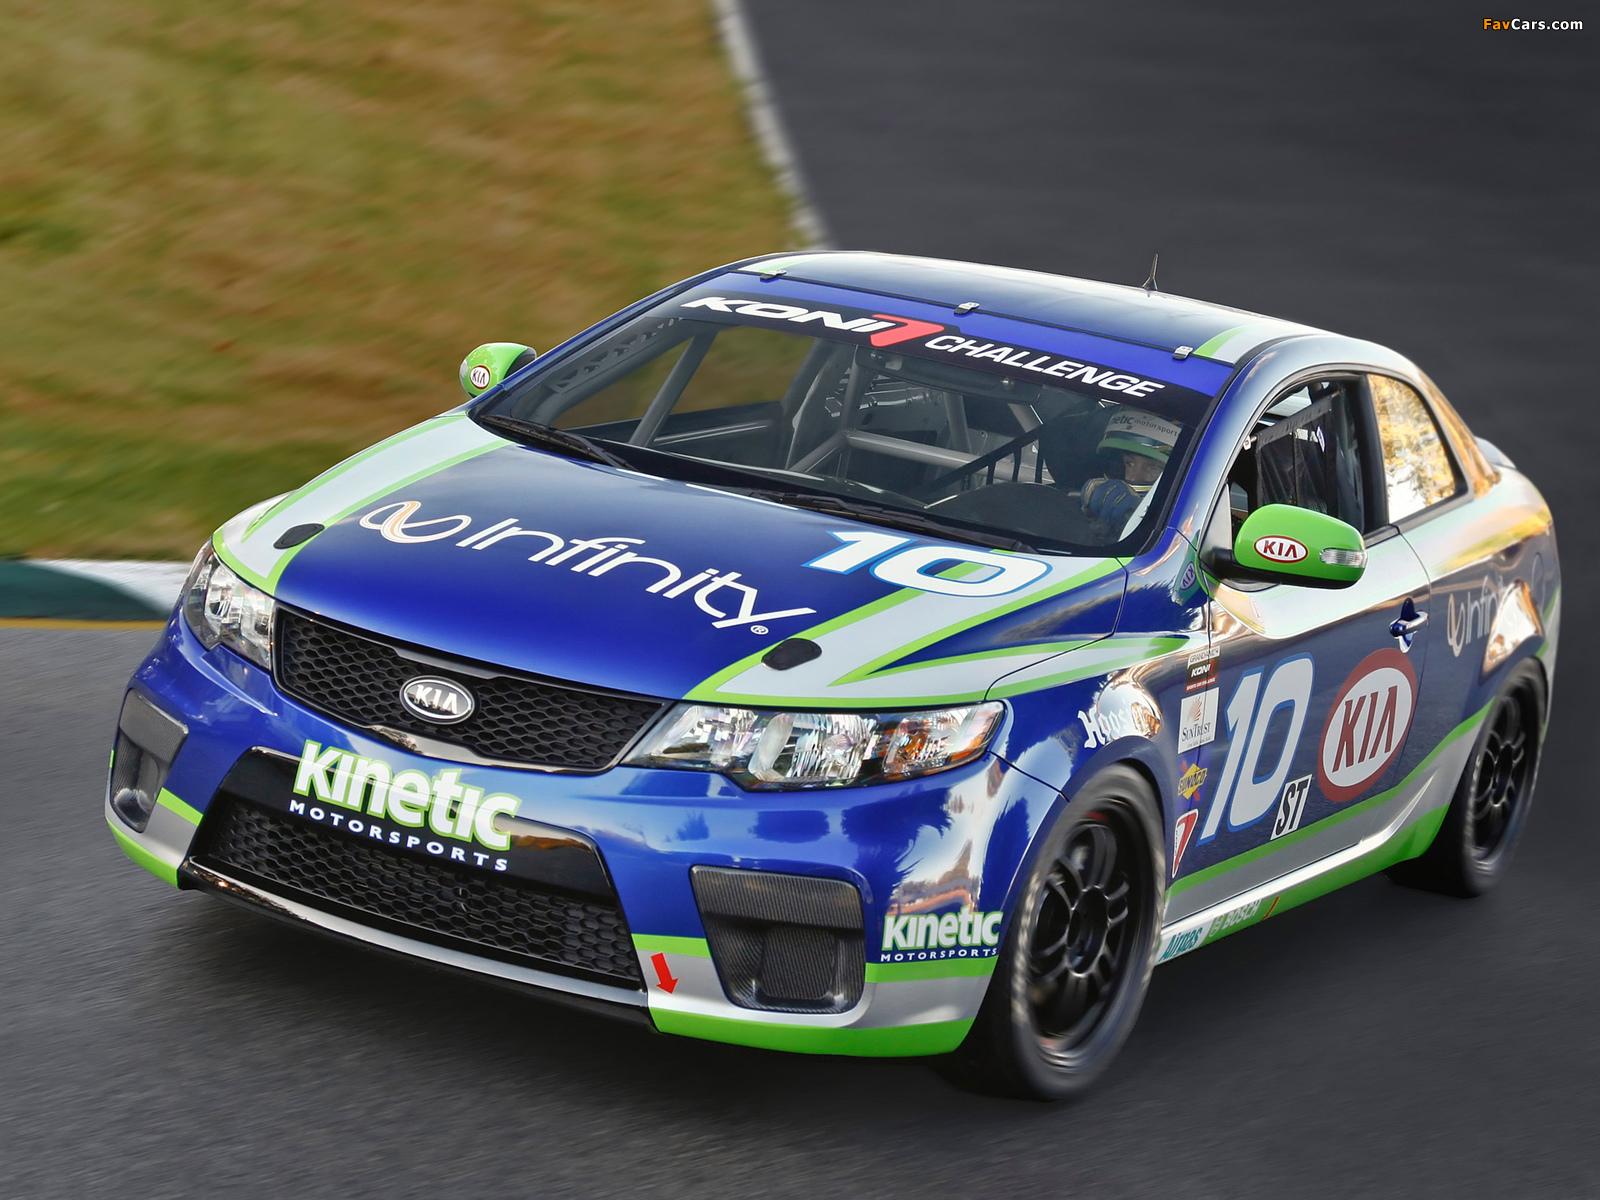 Kia Forte Koup Grand Am Race Car (TD) 2010 photos (1600 x 1200)